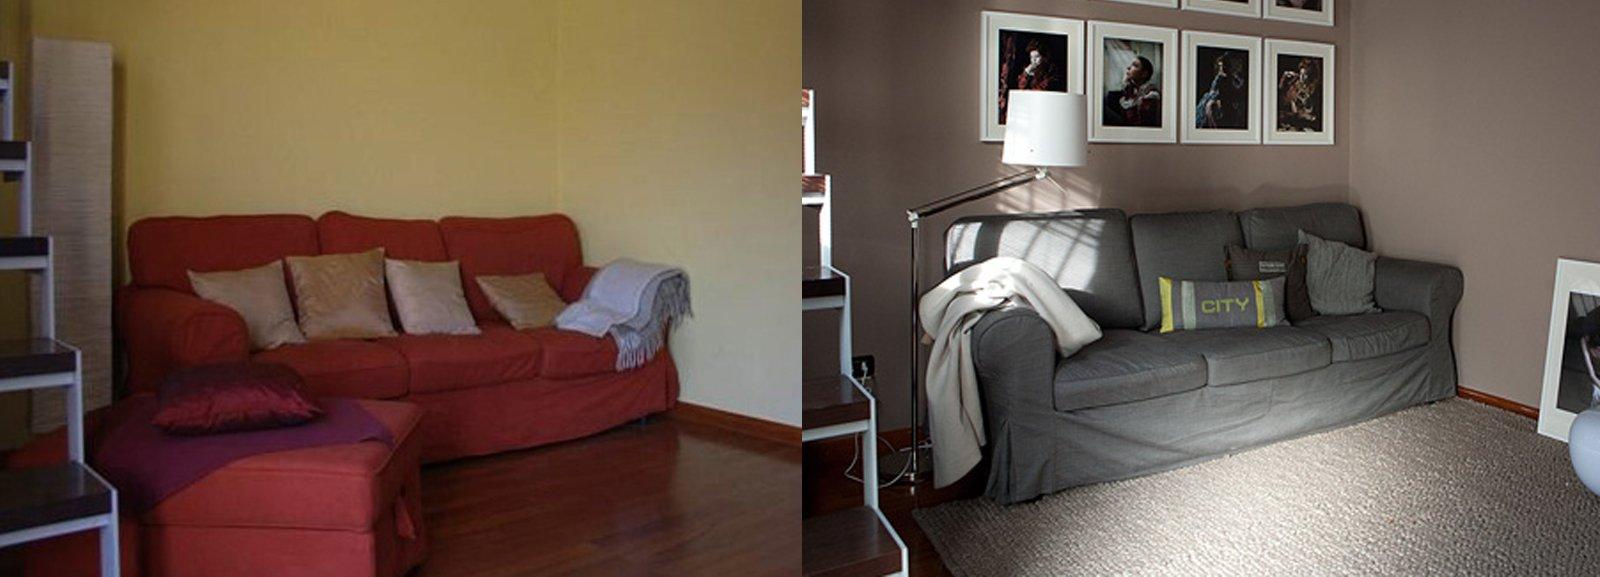 soggiorno restyling spendendo poco cose di casa